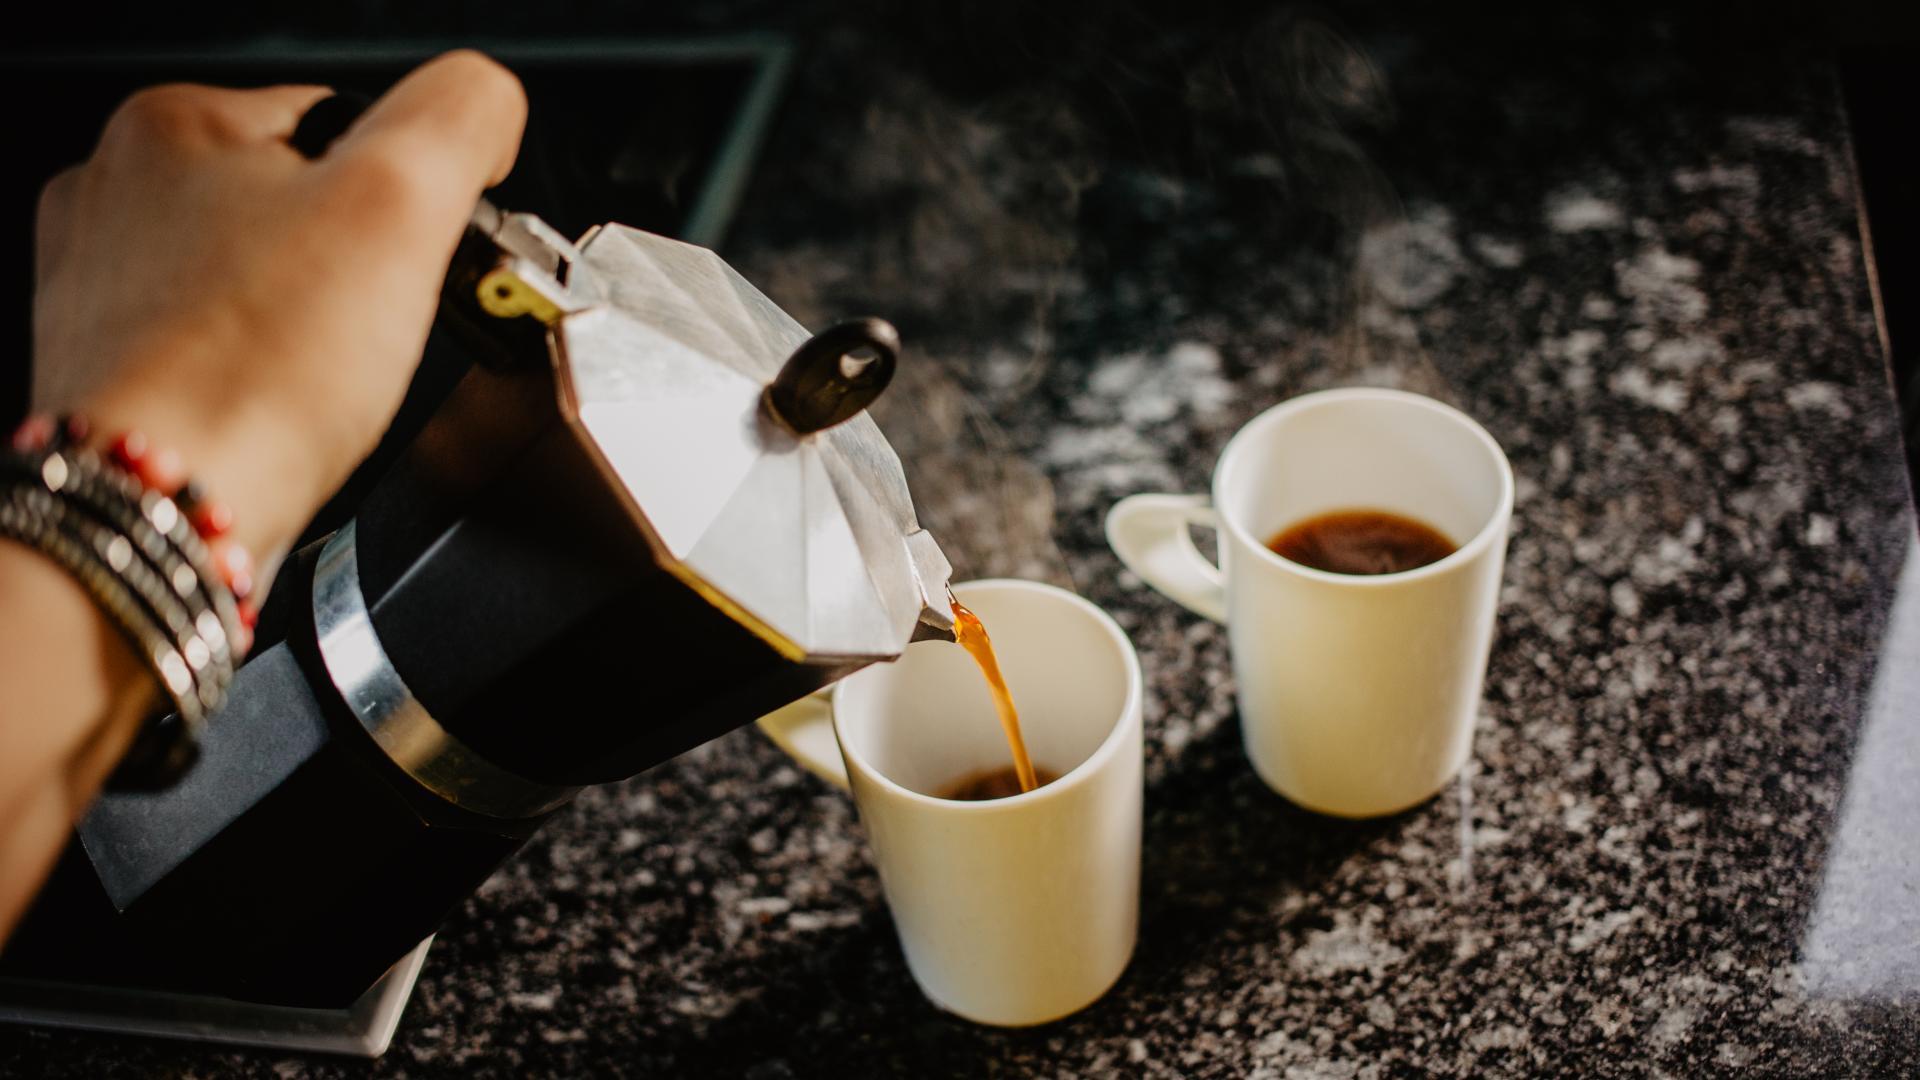 Швейцария: Кафето вече не е жизненоважно за хората